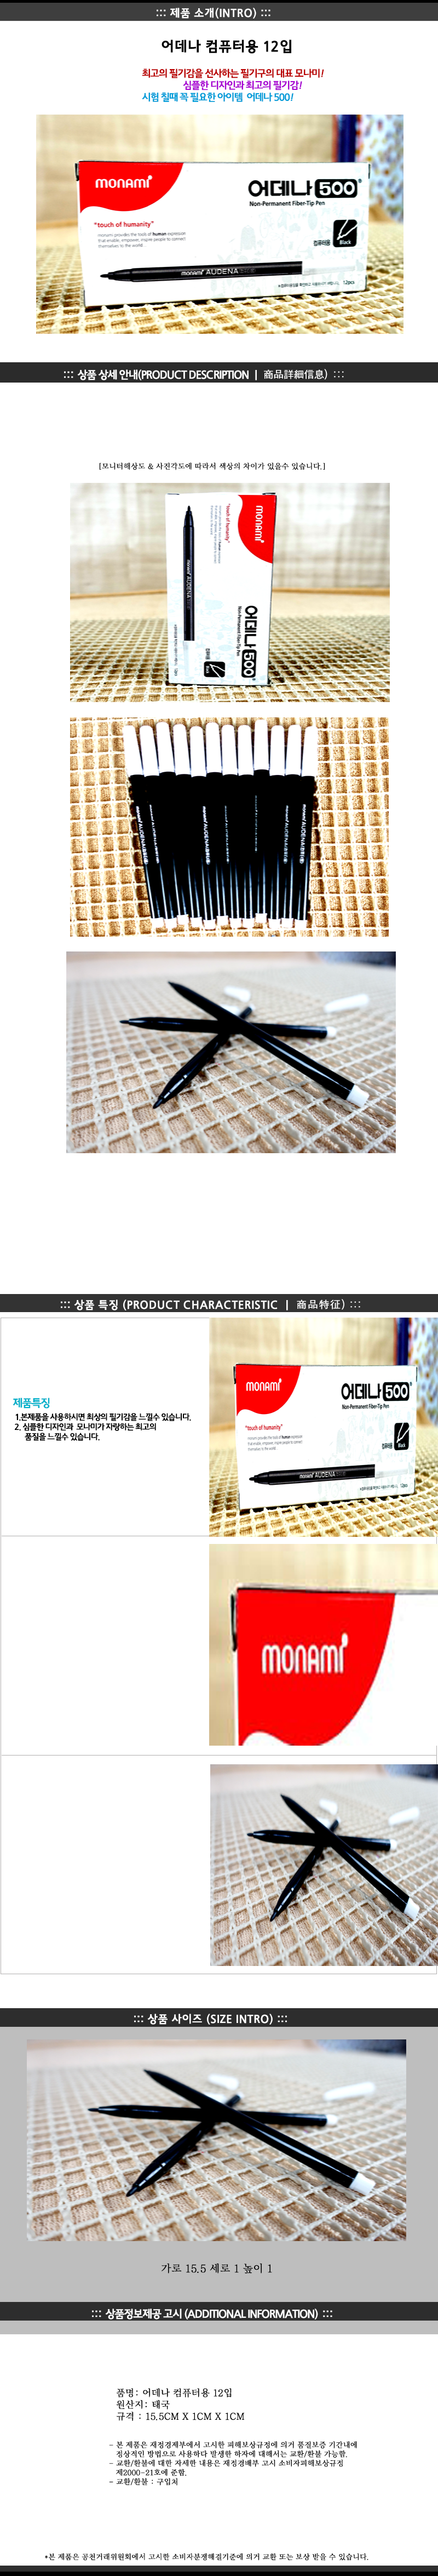 어데나(컴퓨터용)12입 사인펜 싸인펜 필기도구 컴퓨터용사인펜 컴퓨터싸인펜 필기도구 시험용싸인펜 모나미싸인펜